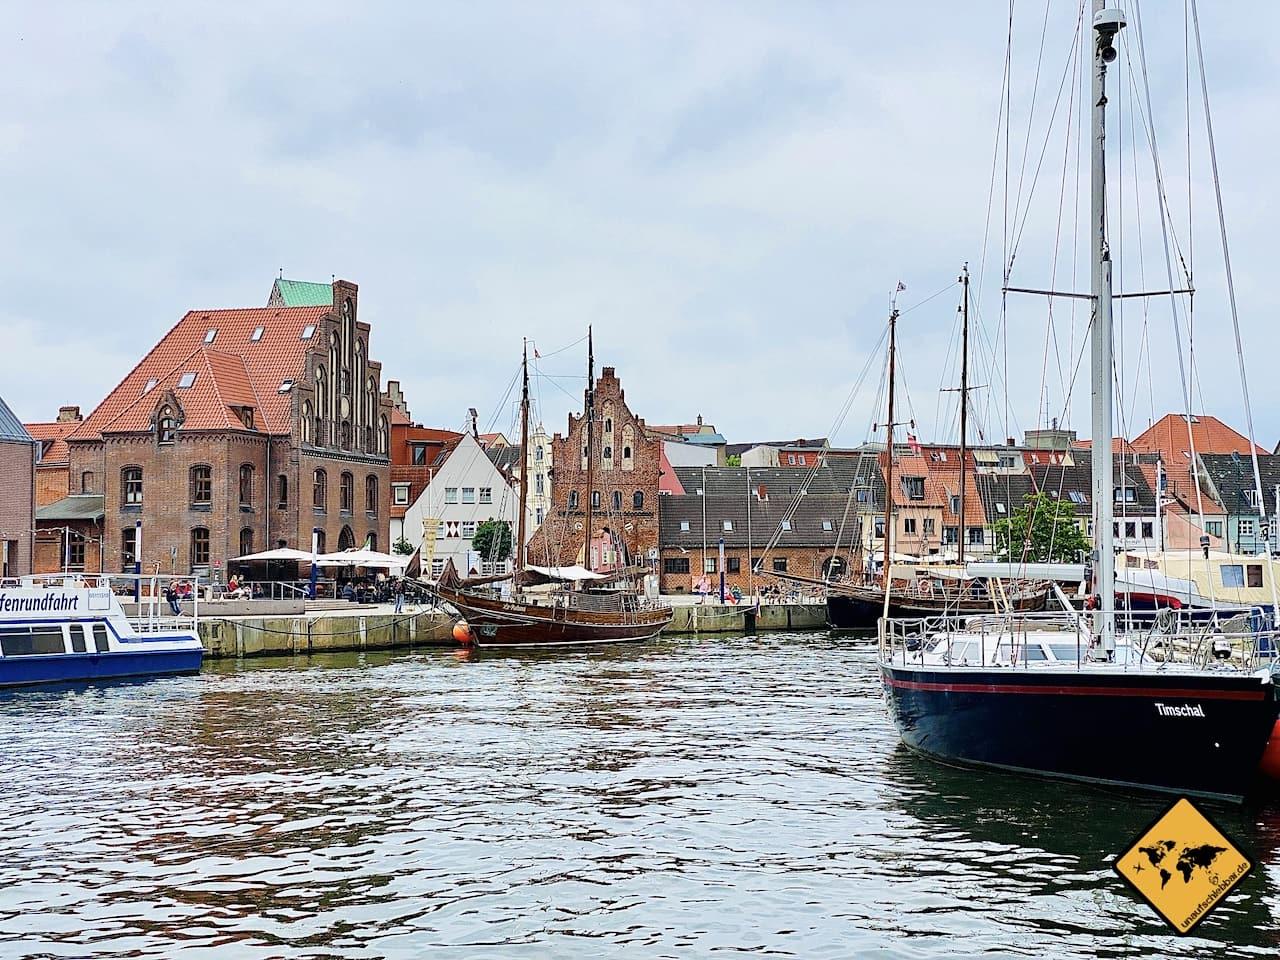 Sehenswürdigkeiten Wismar alter Hafen Schiffe